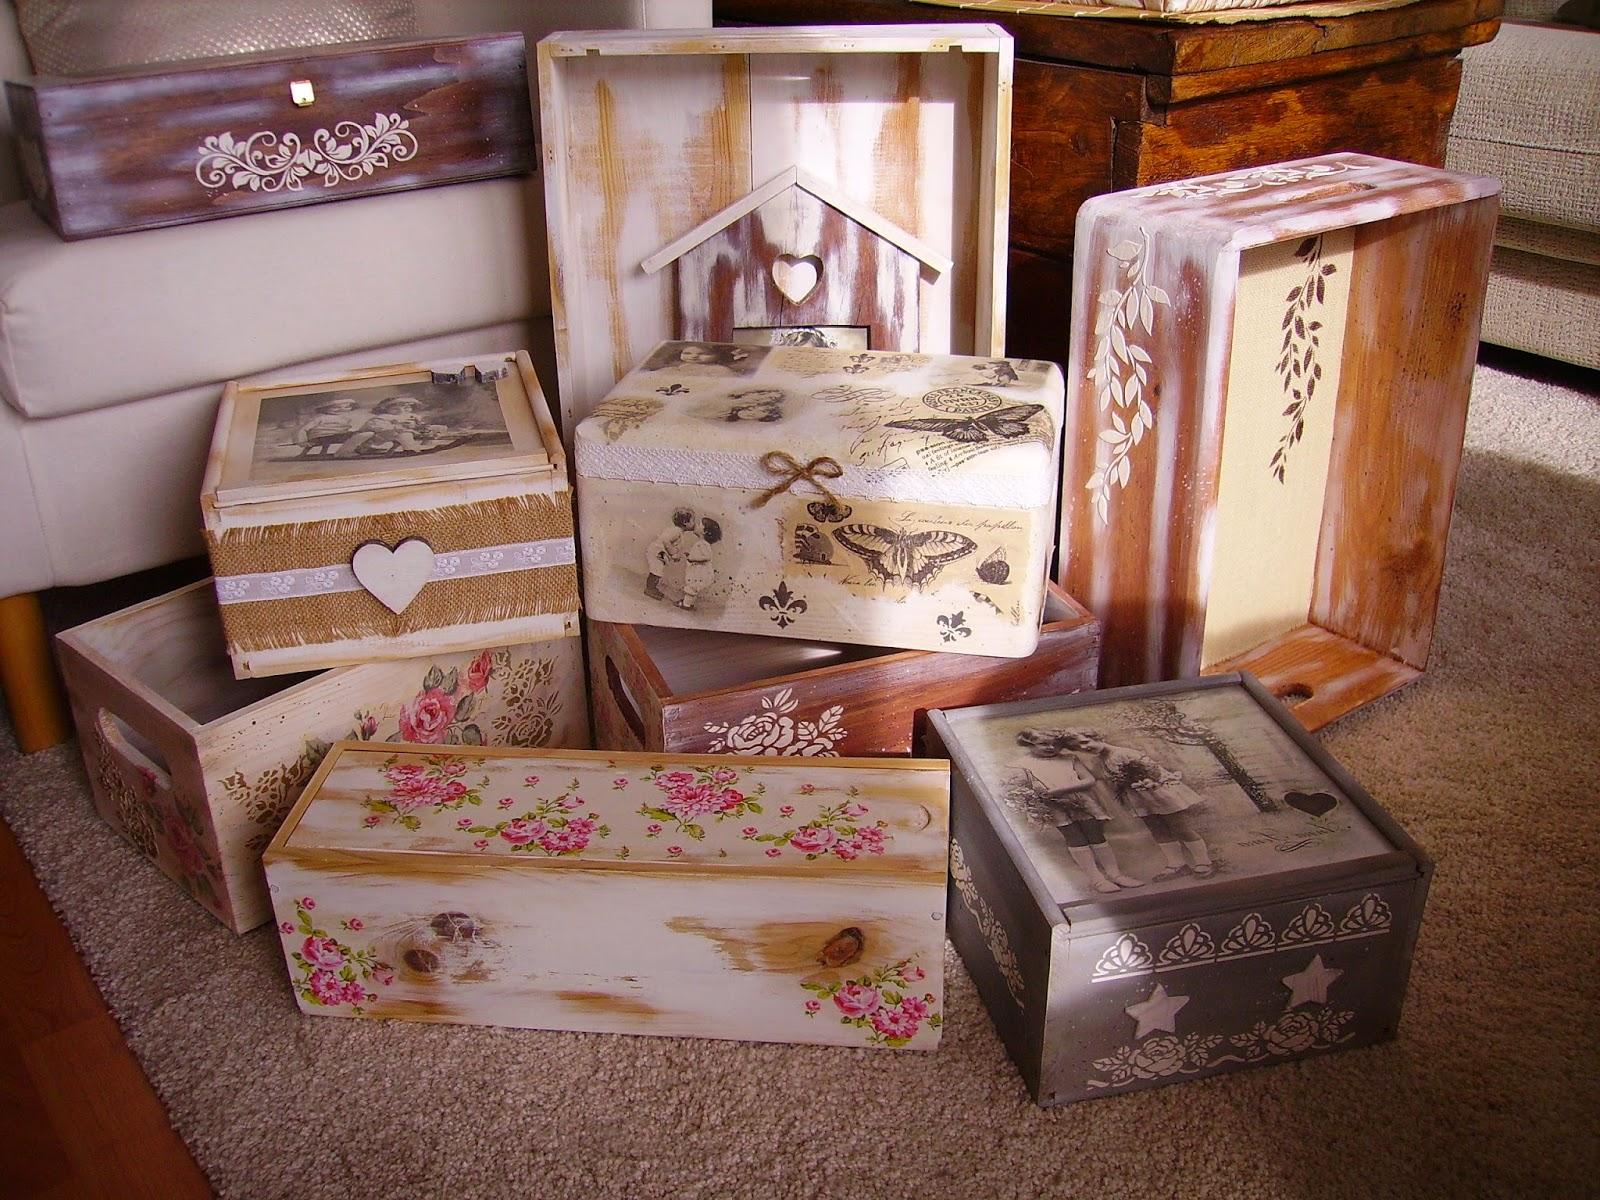 Como pintar cajas estilo vintage - Bancos estilo vintage ...